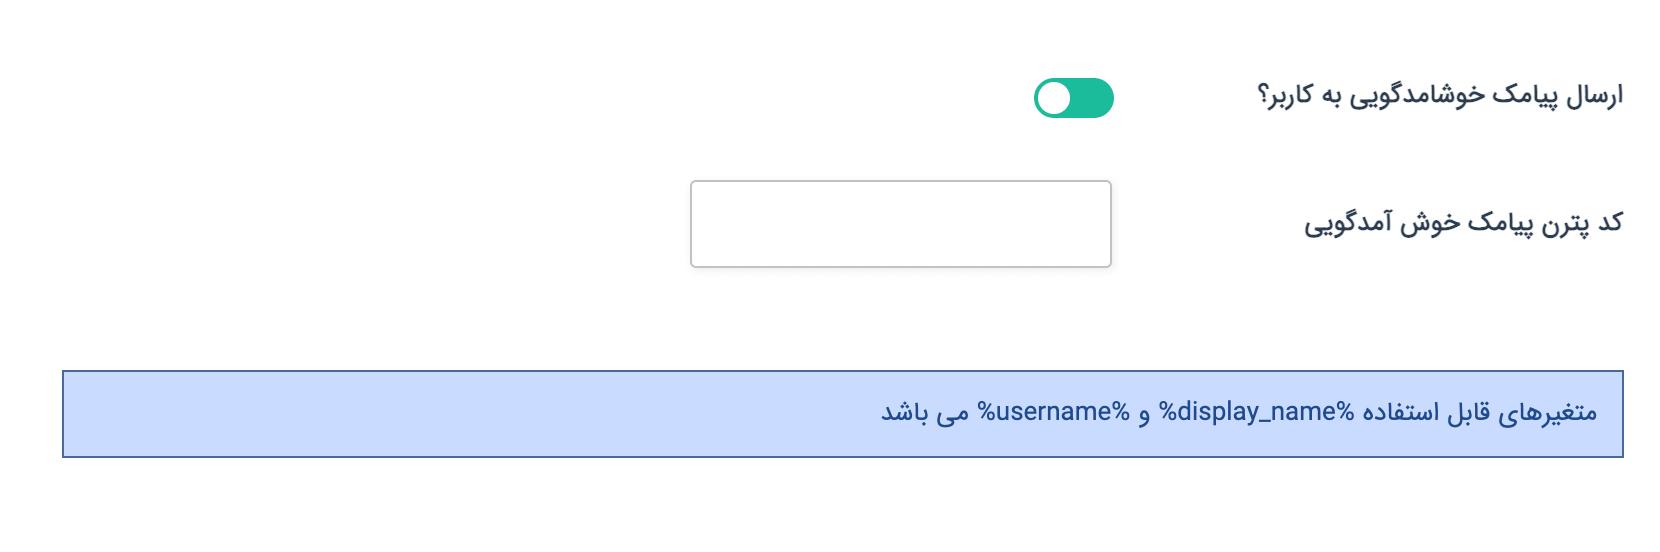 ارسال پیامک خوش امدگویی در وردپرس بعد از ثبت نام در سایت